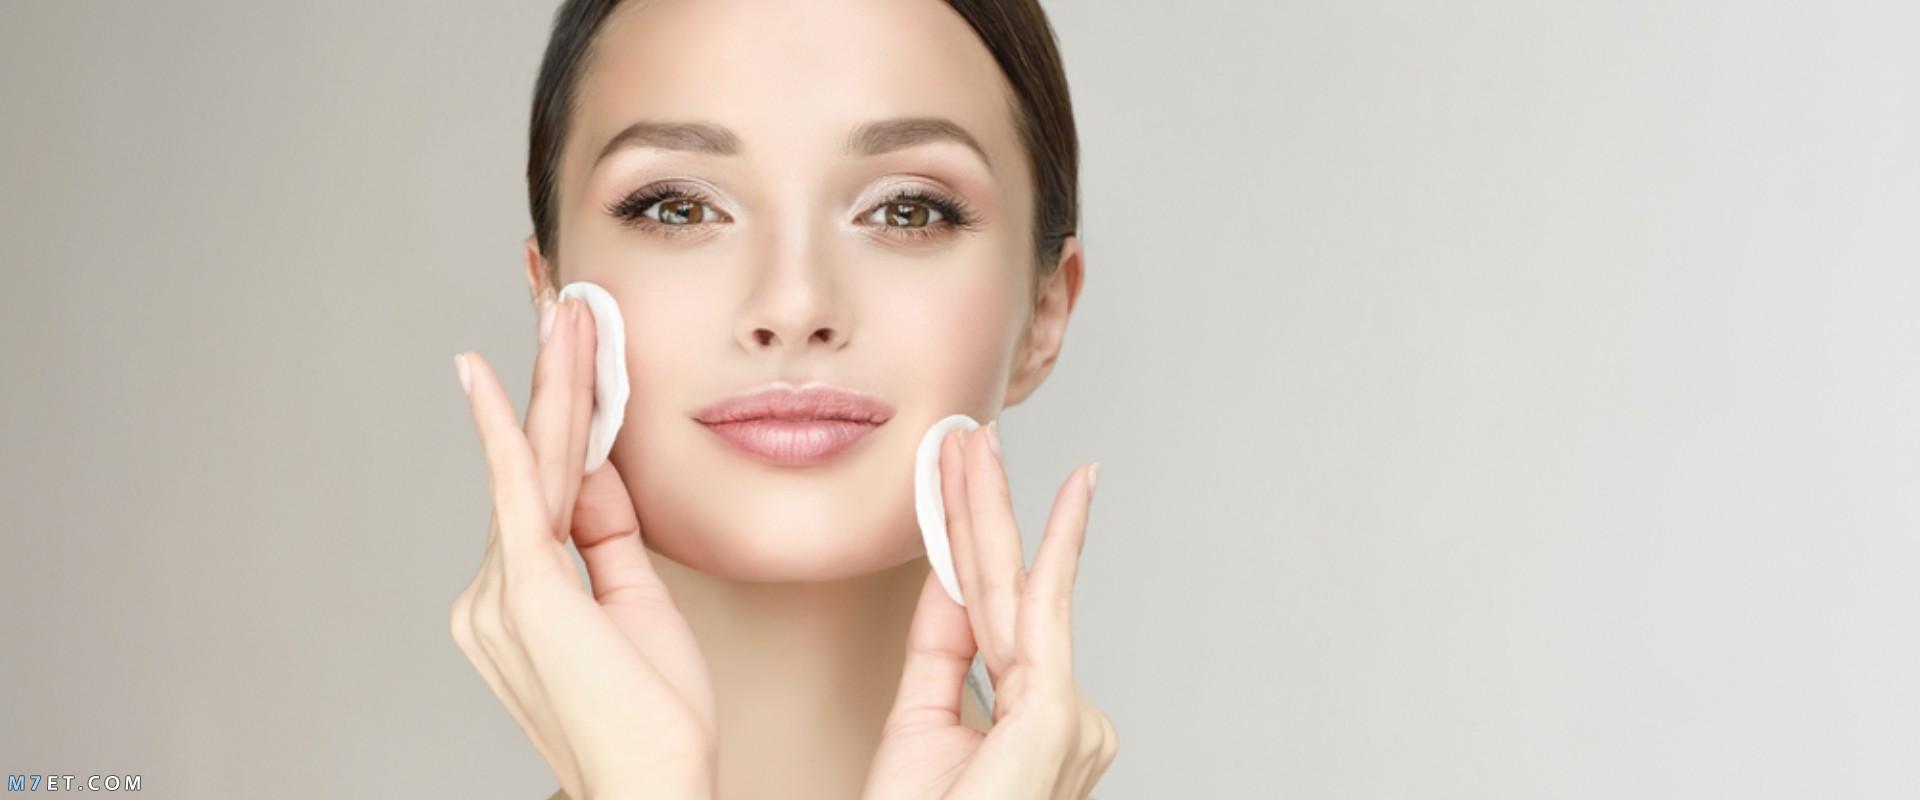 وصفات للتخلص من دهون الوجه